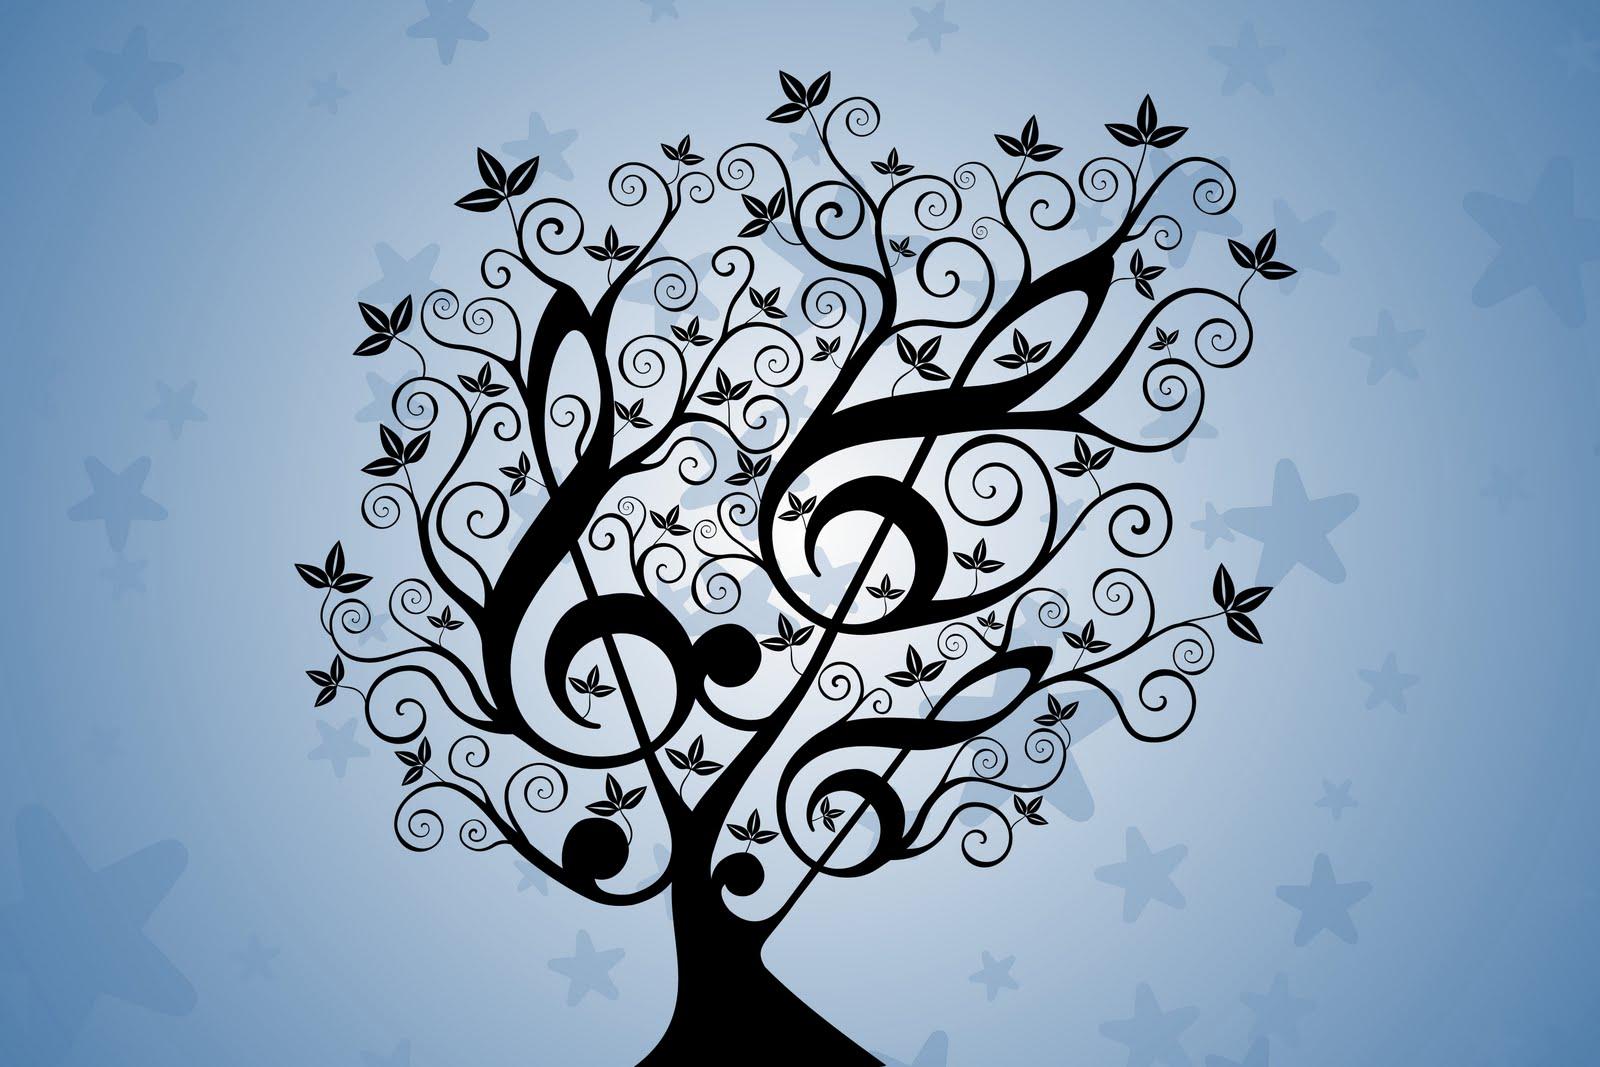 derecho ciudadano a la musica, sector productivo y estrategico